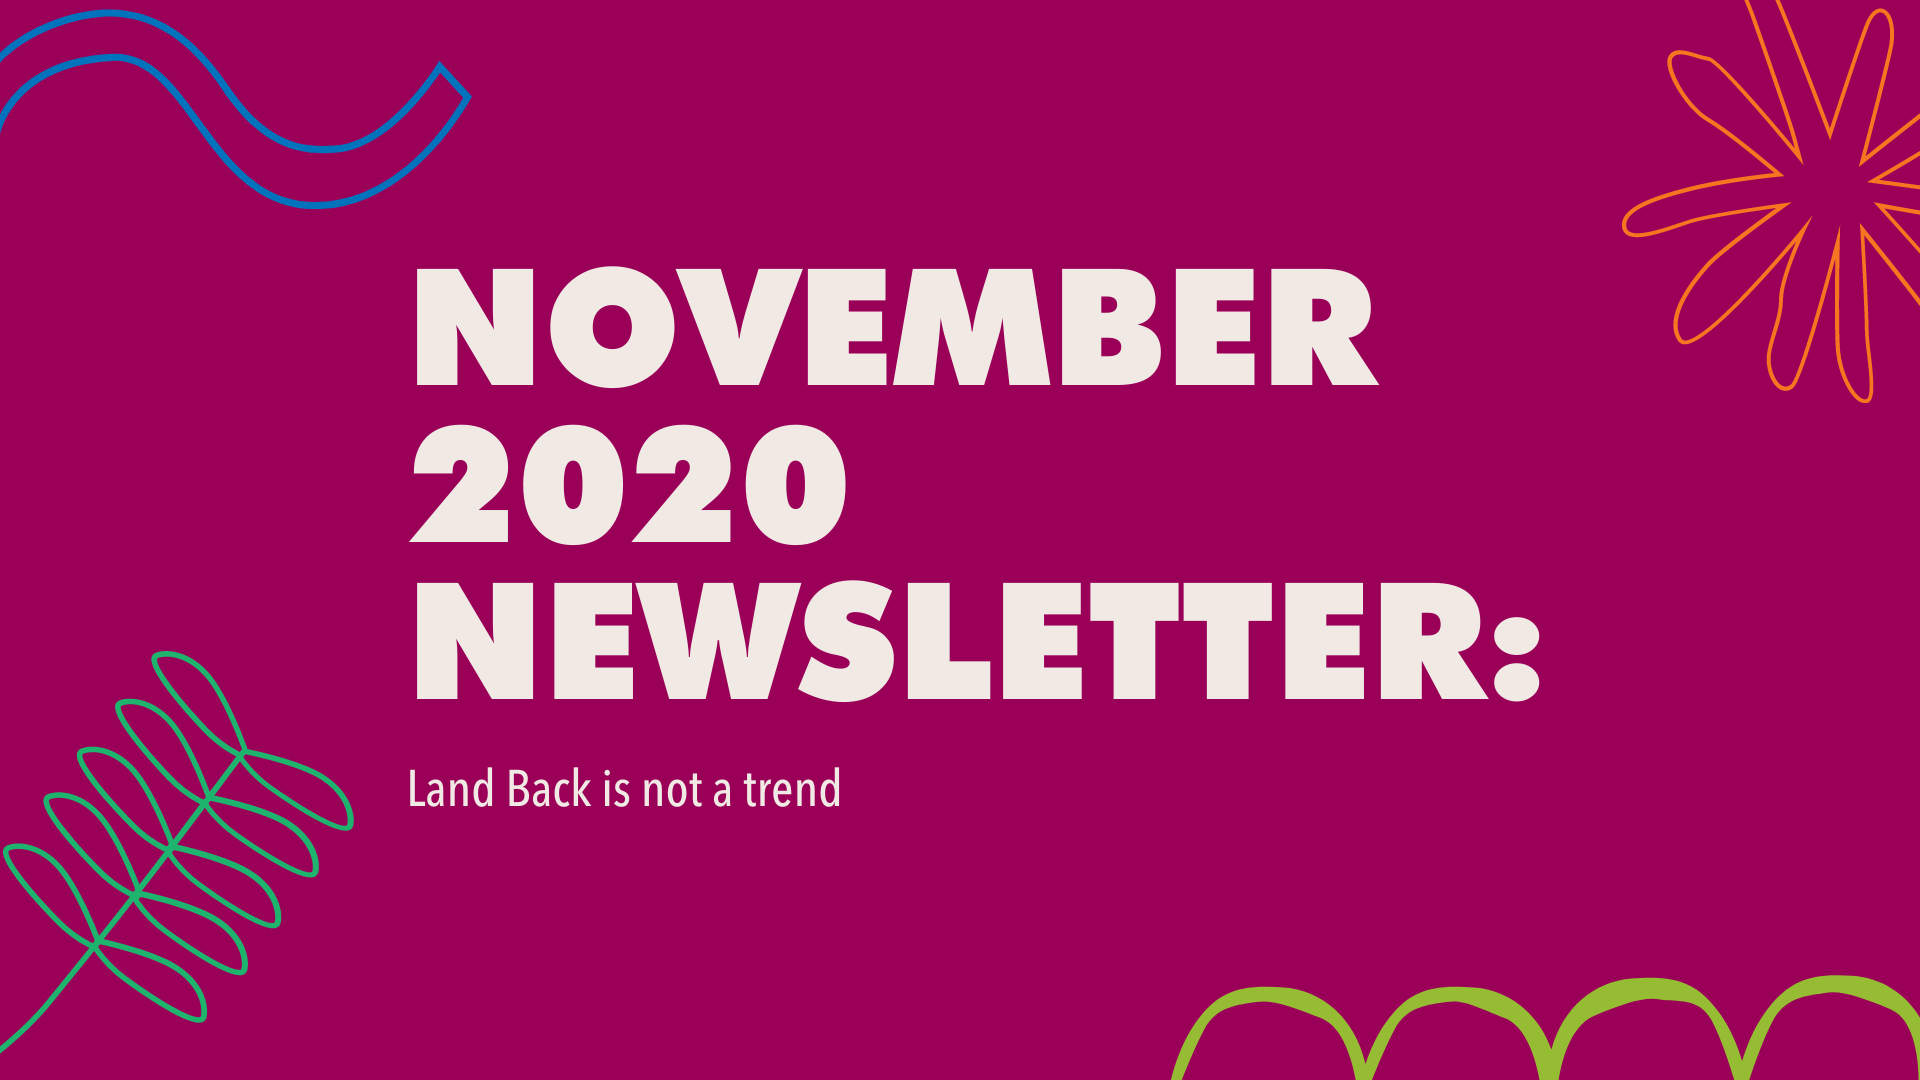 November 2020 Newsletter banner